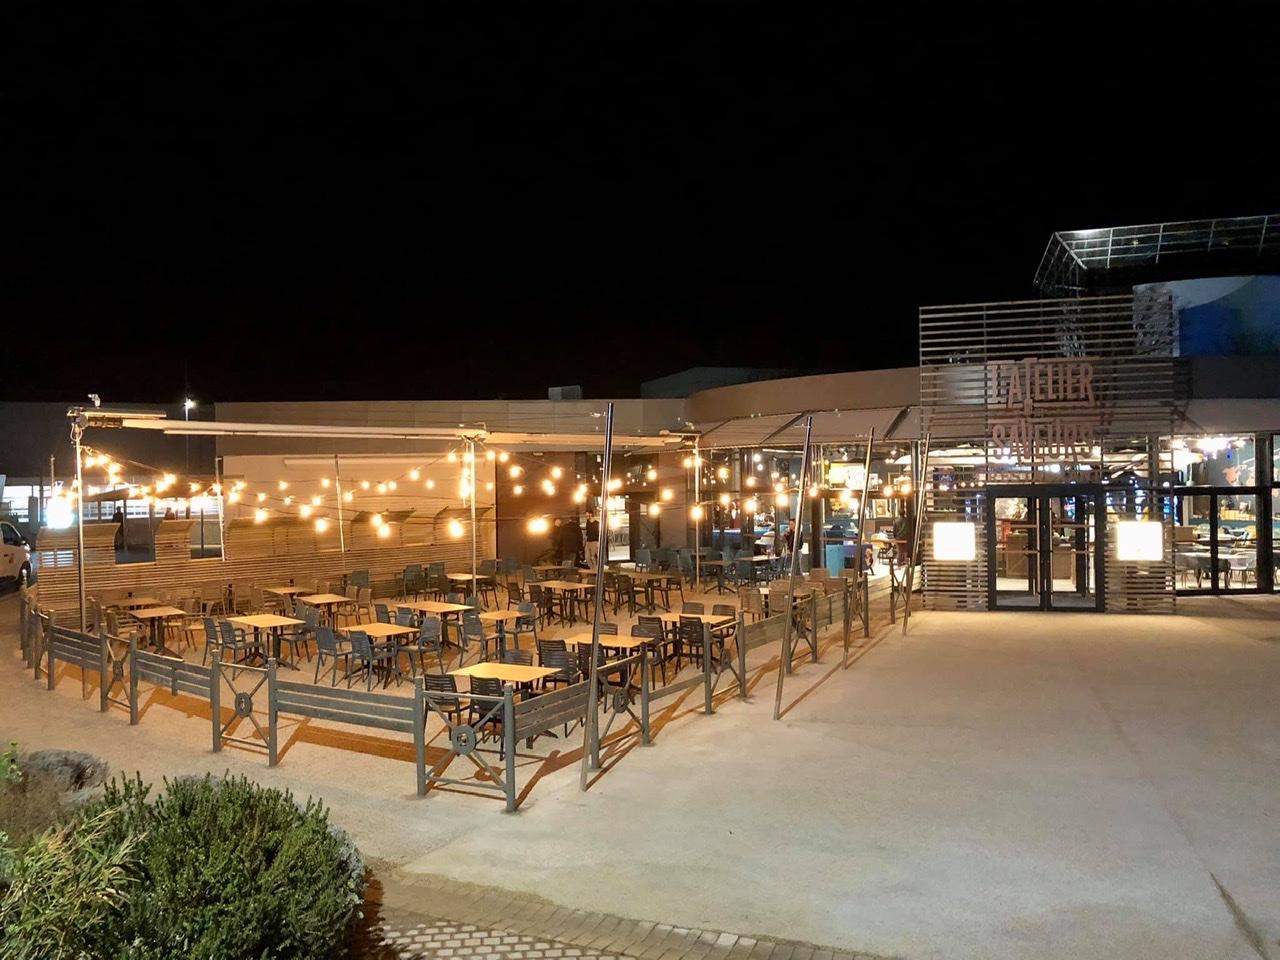 atelier - [Restaurant] L'Atelier des Saveurs · 2020 2-C43-D1-B0-5-C04-4-D32-A890-C446-D32-FE278